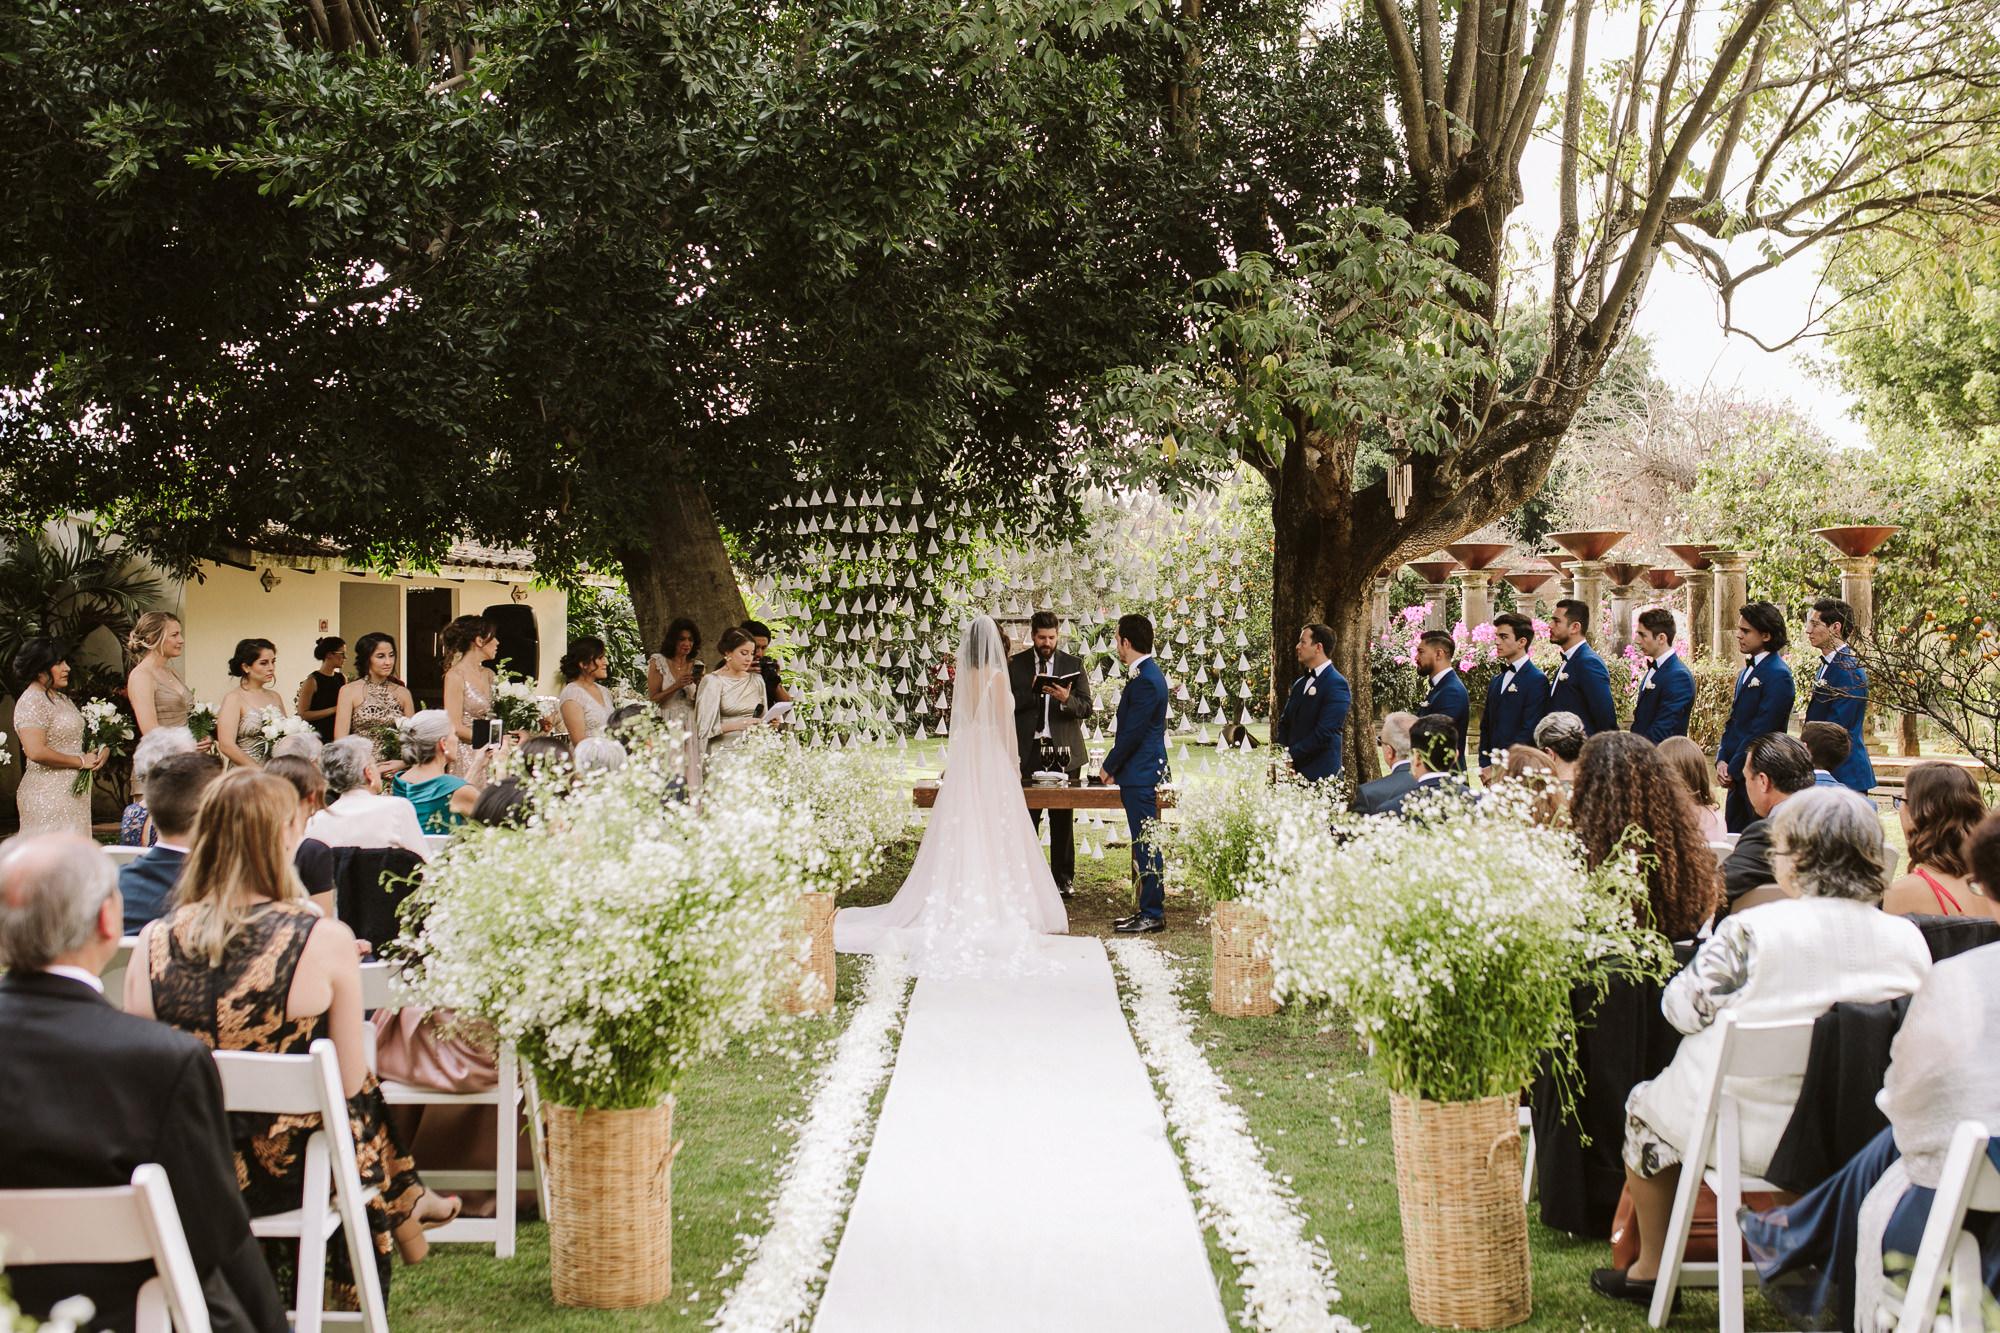 bodas_en_tepoztlan_casa_bugambilia_alfonso_flores_destination_wedding_photographer134.jpg